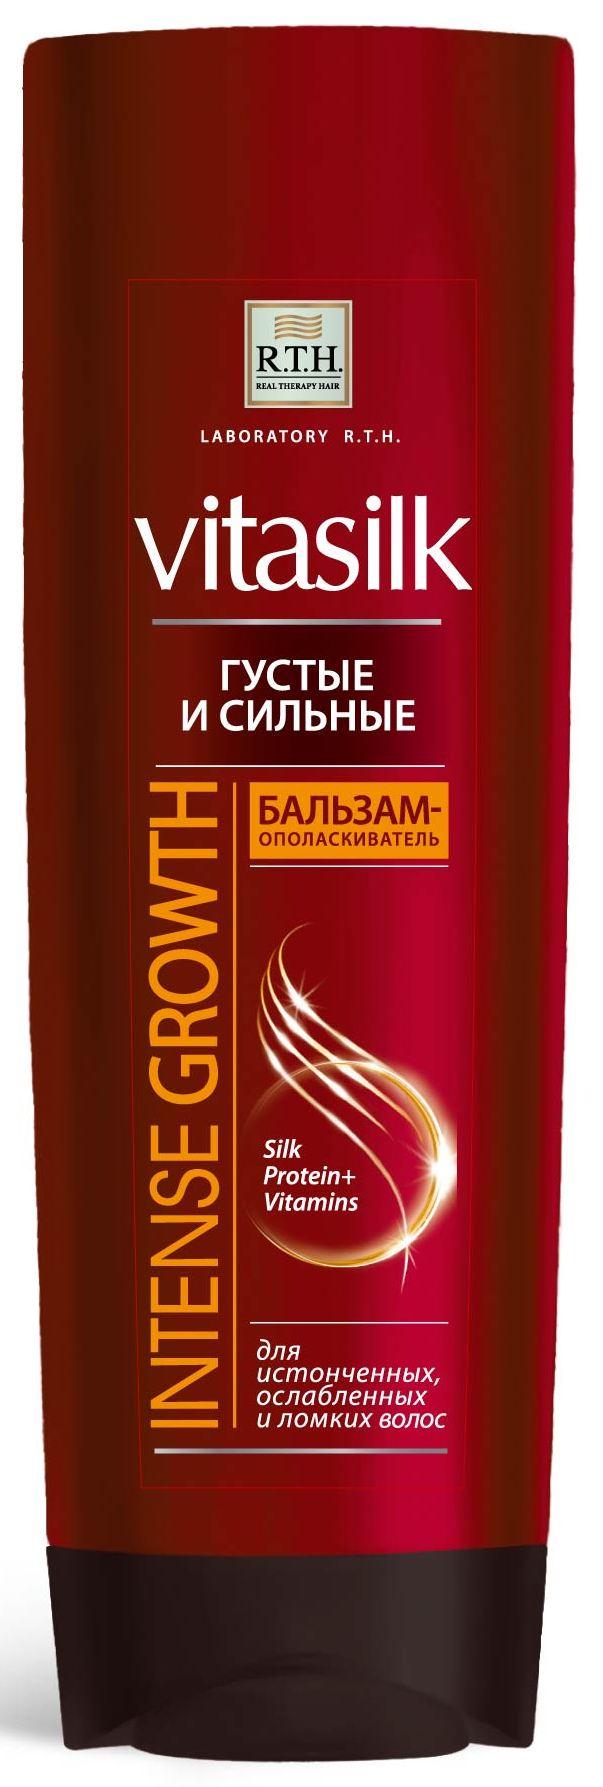 Бальзам для волос R.T.H. Vitasilk WOMEN Густые и сильные